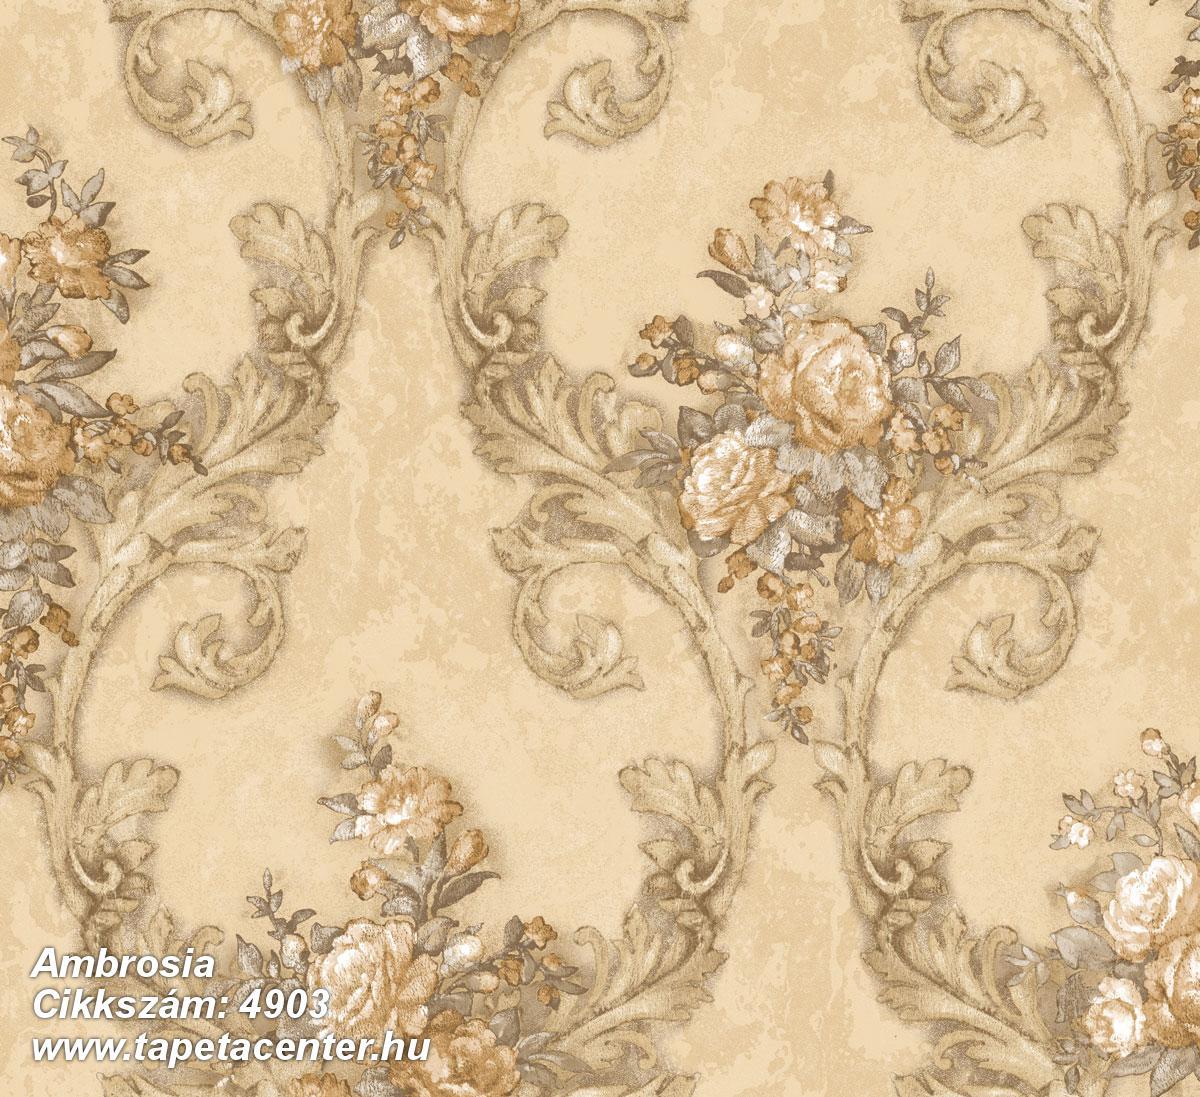 Ambrosia - 4903 Olasz tapéta